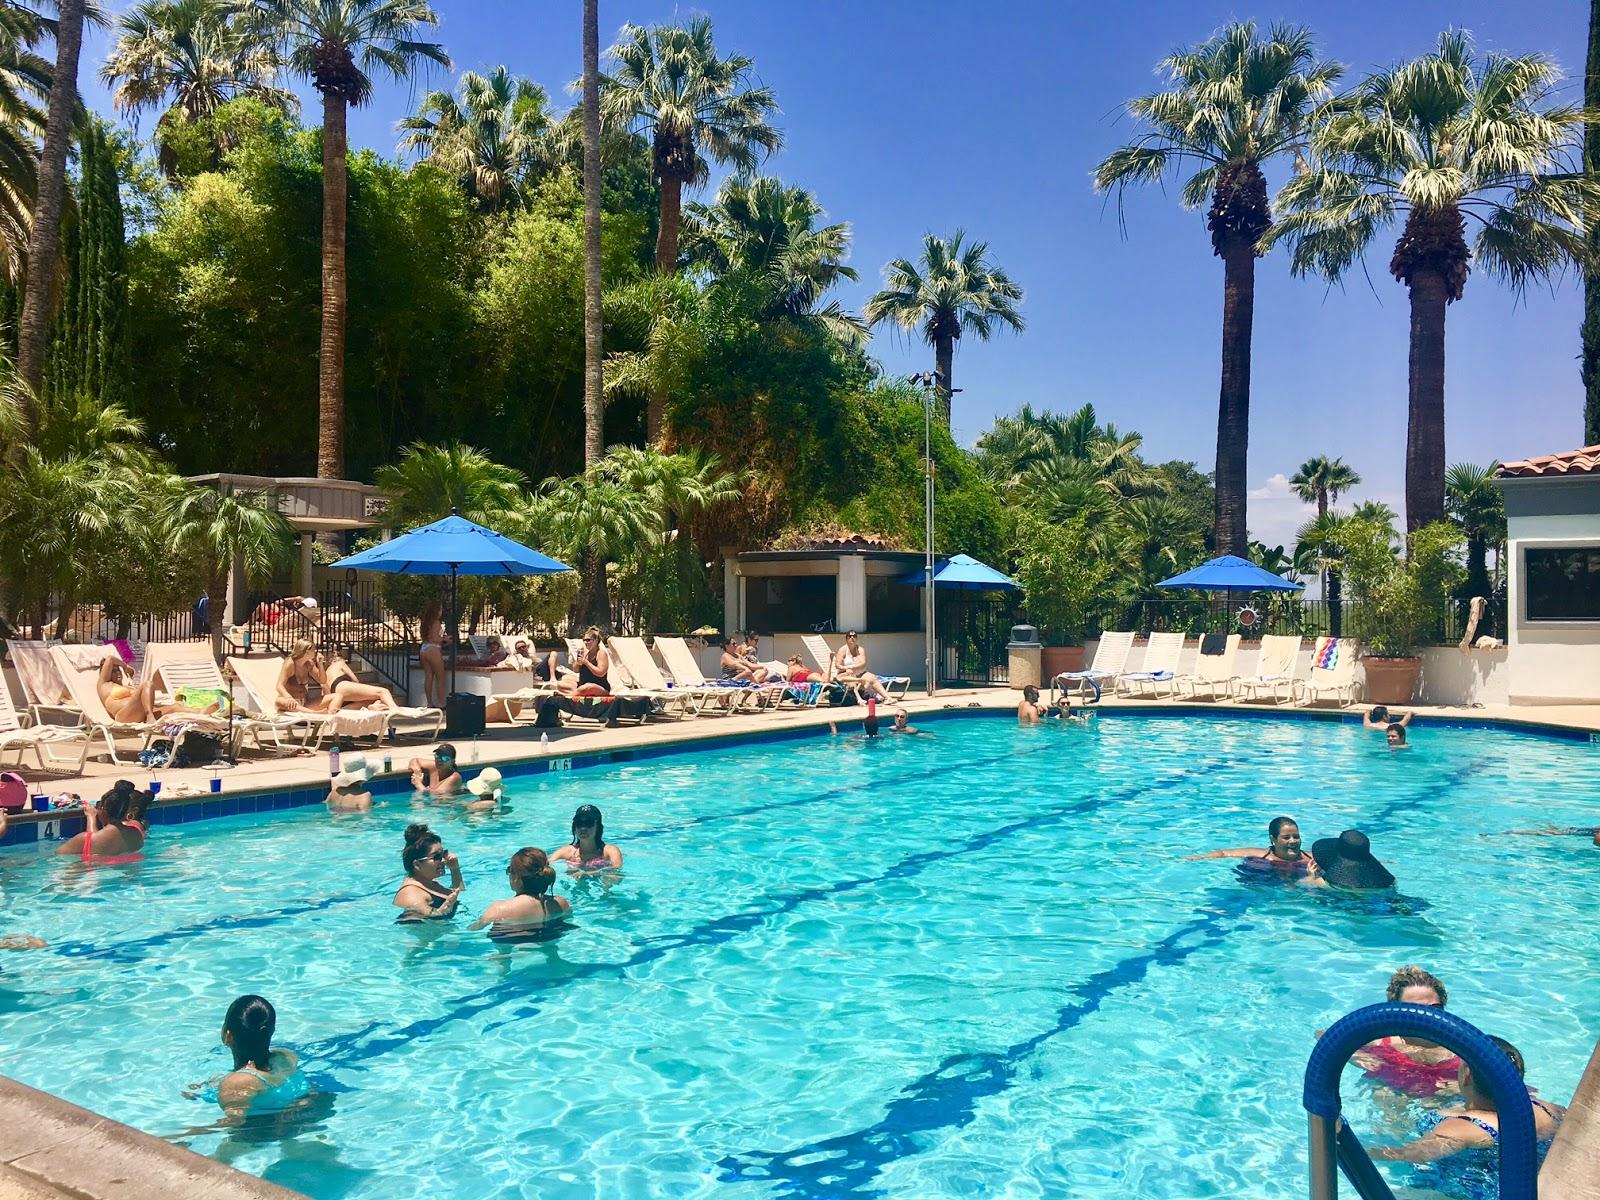 Day Spa in LA